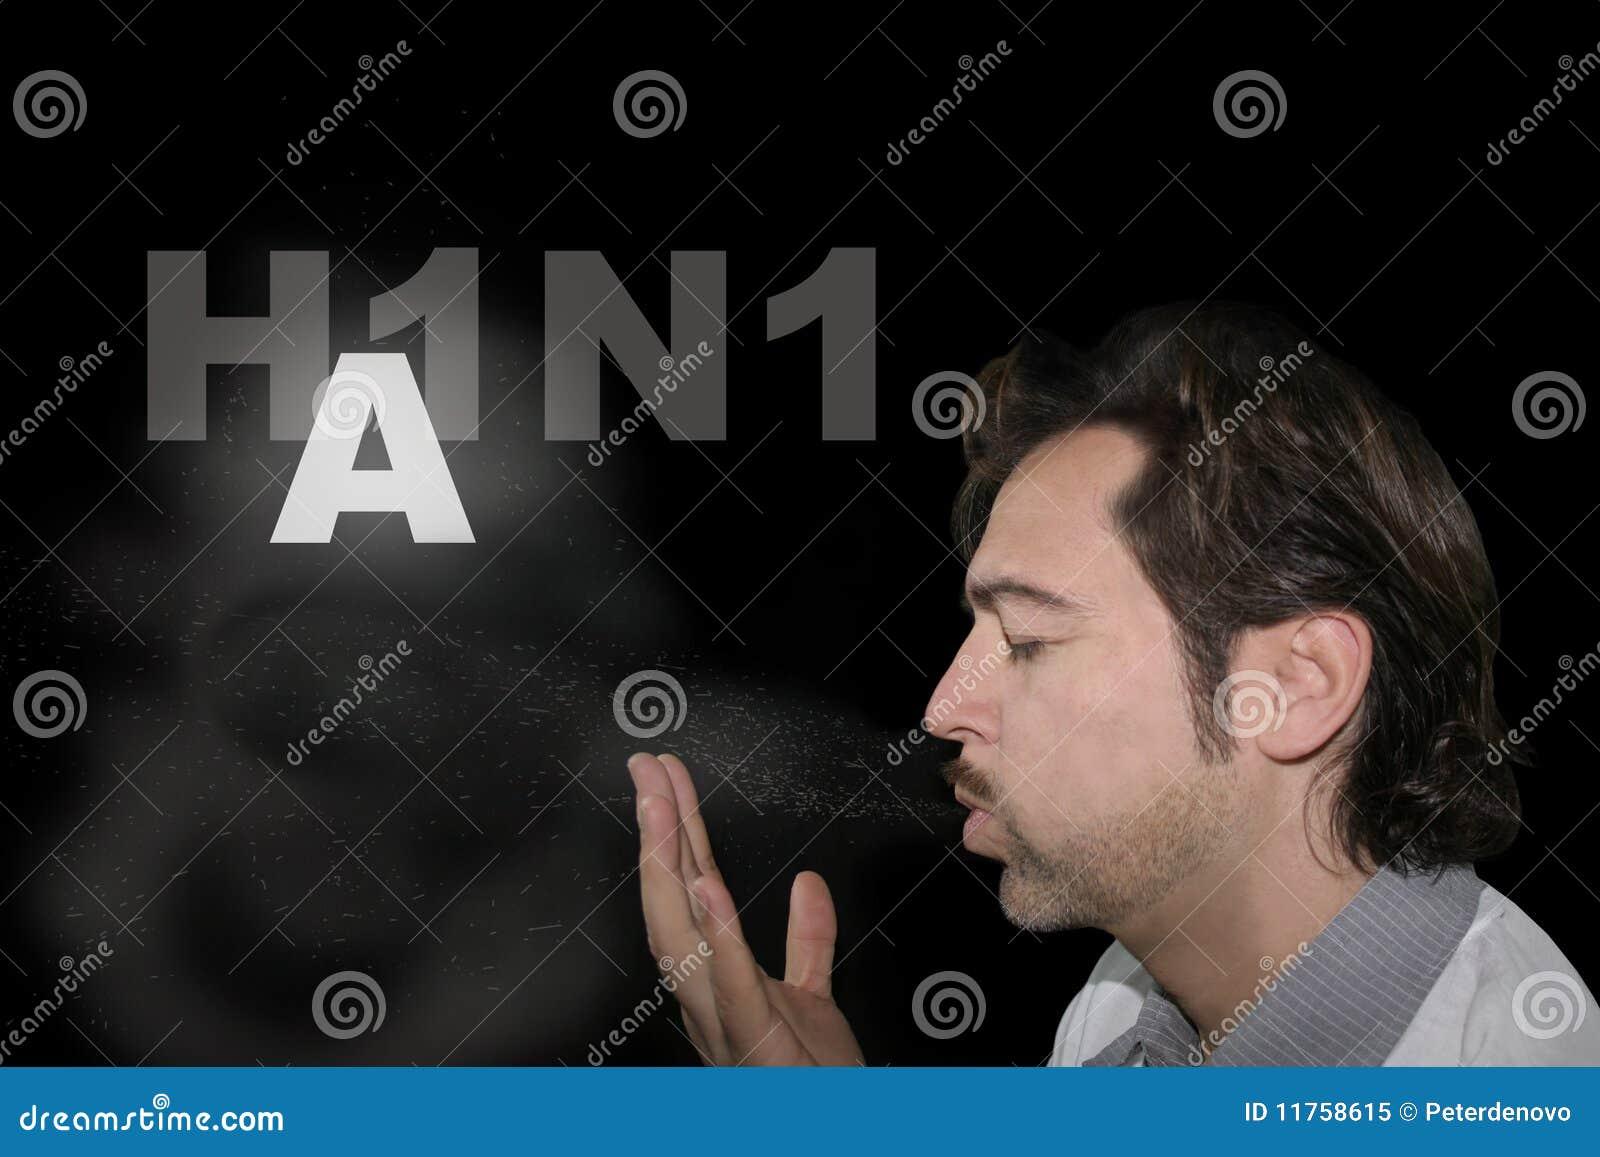 Grypa h1n1